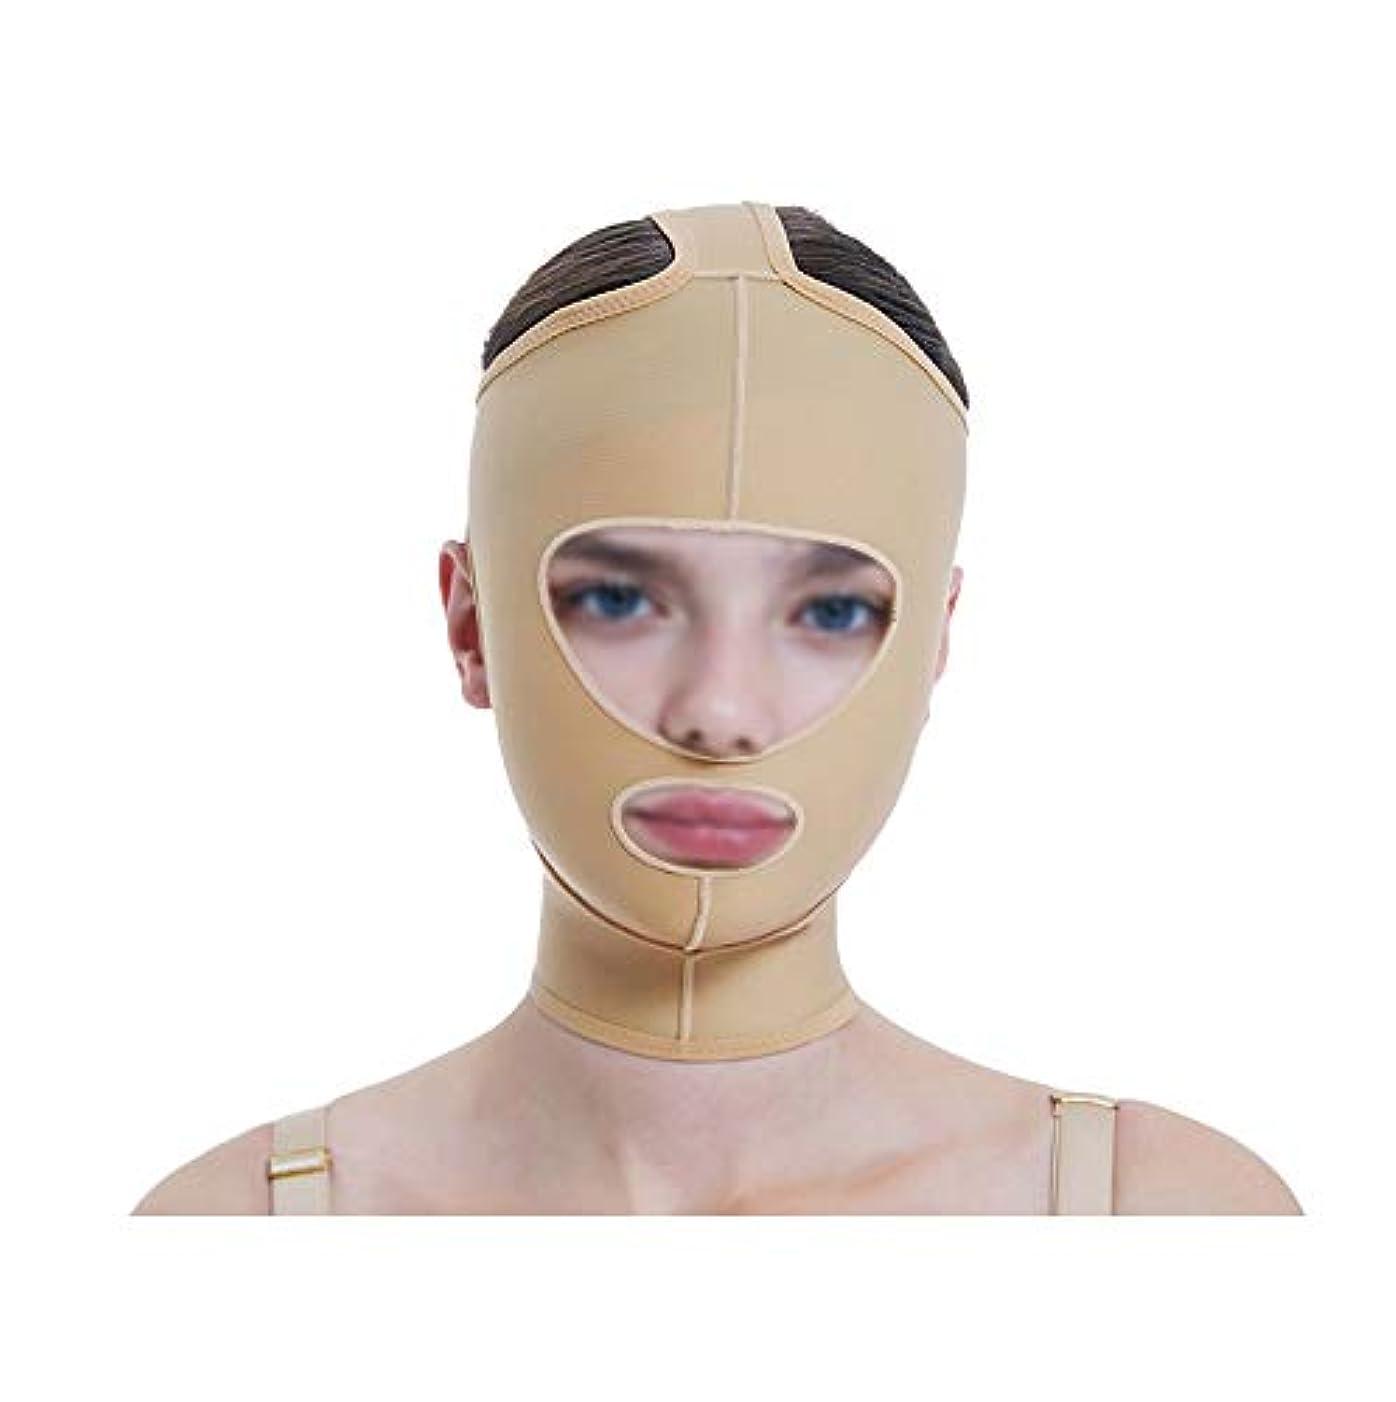 強度黄ばむレキシコンTLMY 顔と首のリフト痩身マスクの顔の彫刻の顔の弾性スーツ薄い二重あごのアーティファクトV顔のビーム表面 顔用整形マスク (Size : S)